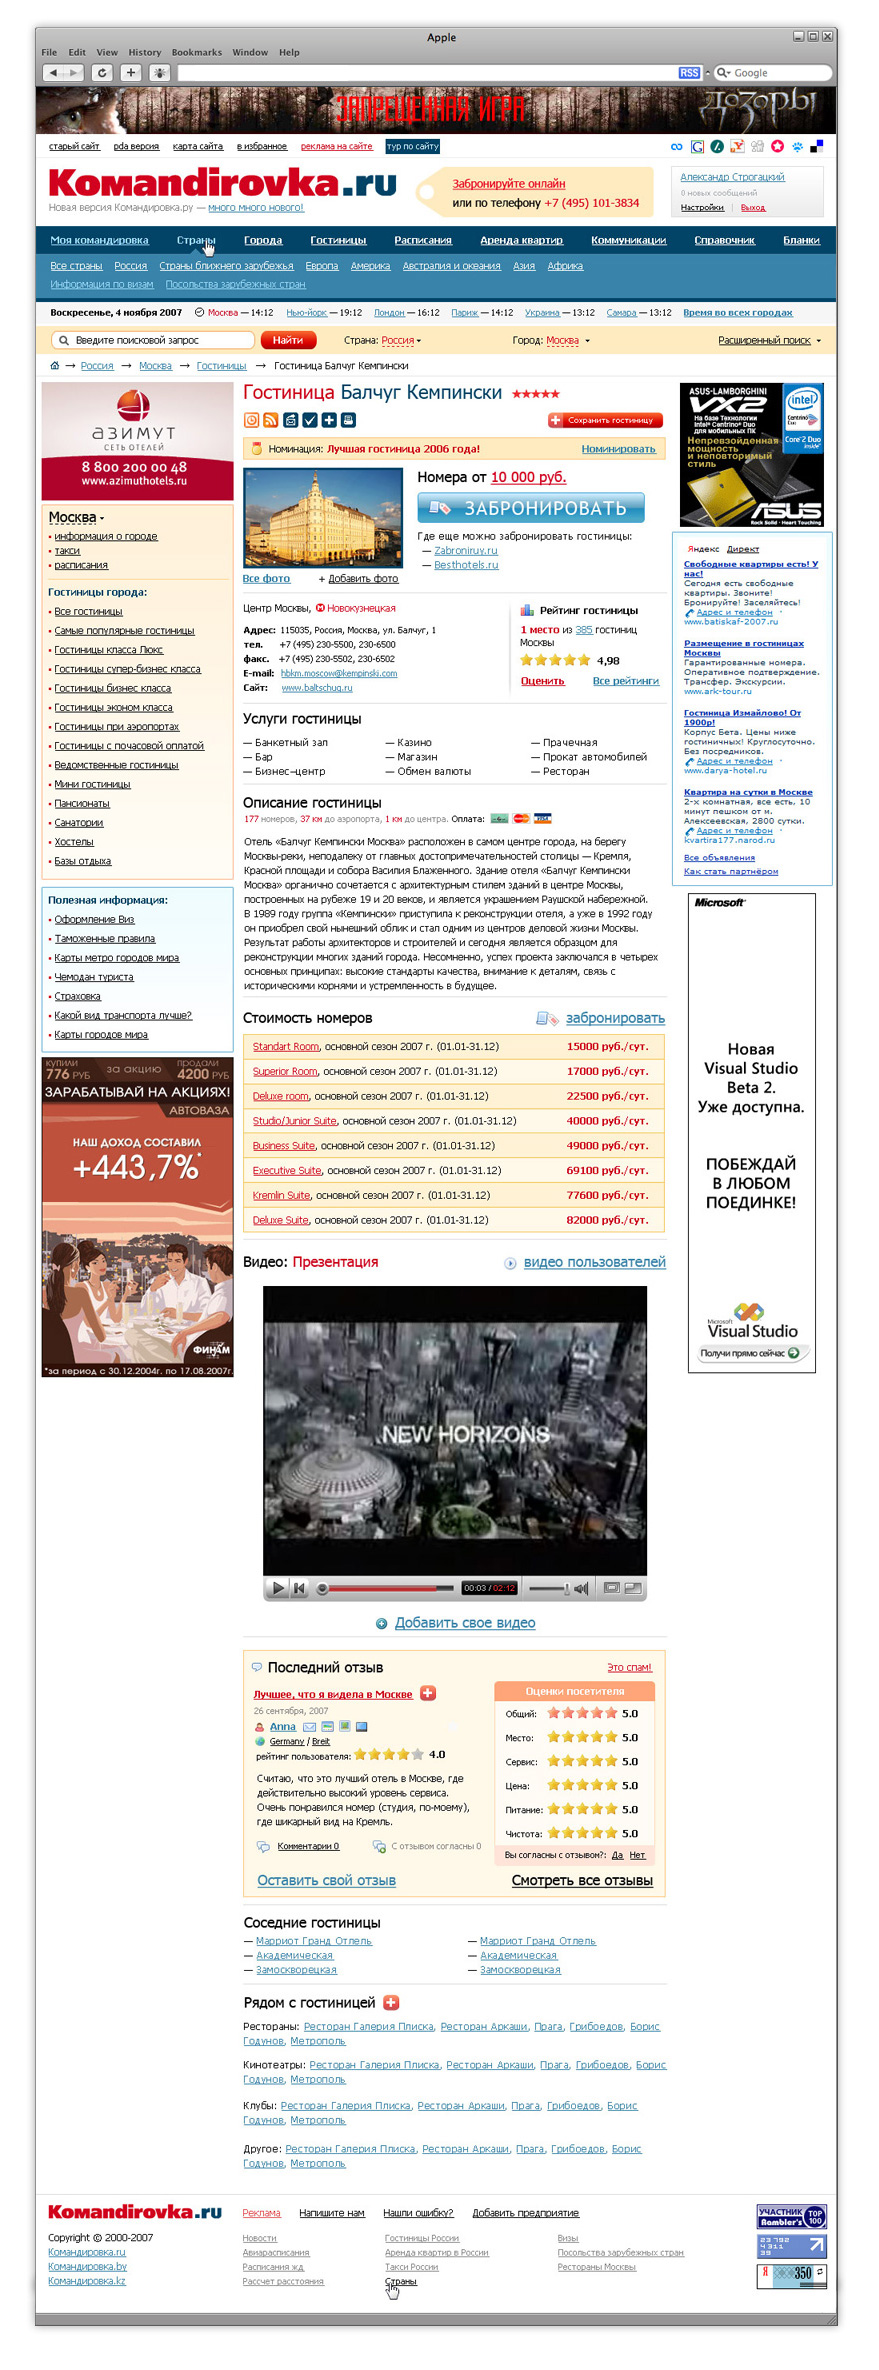 Komandirovka.ru